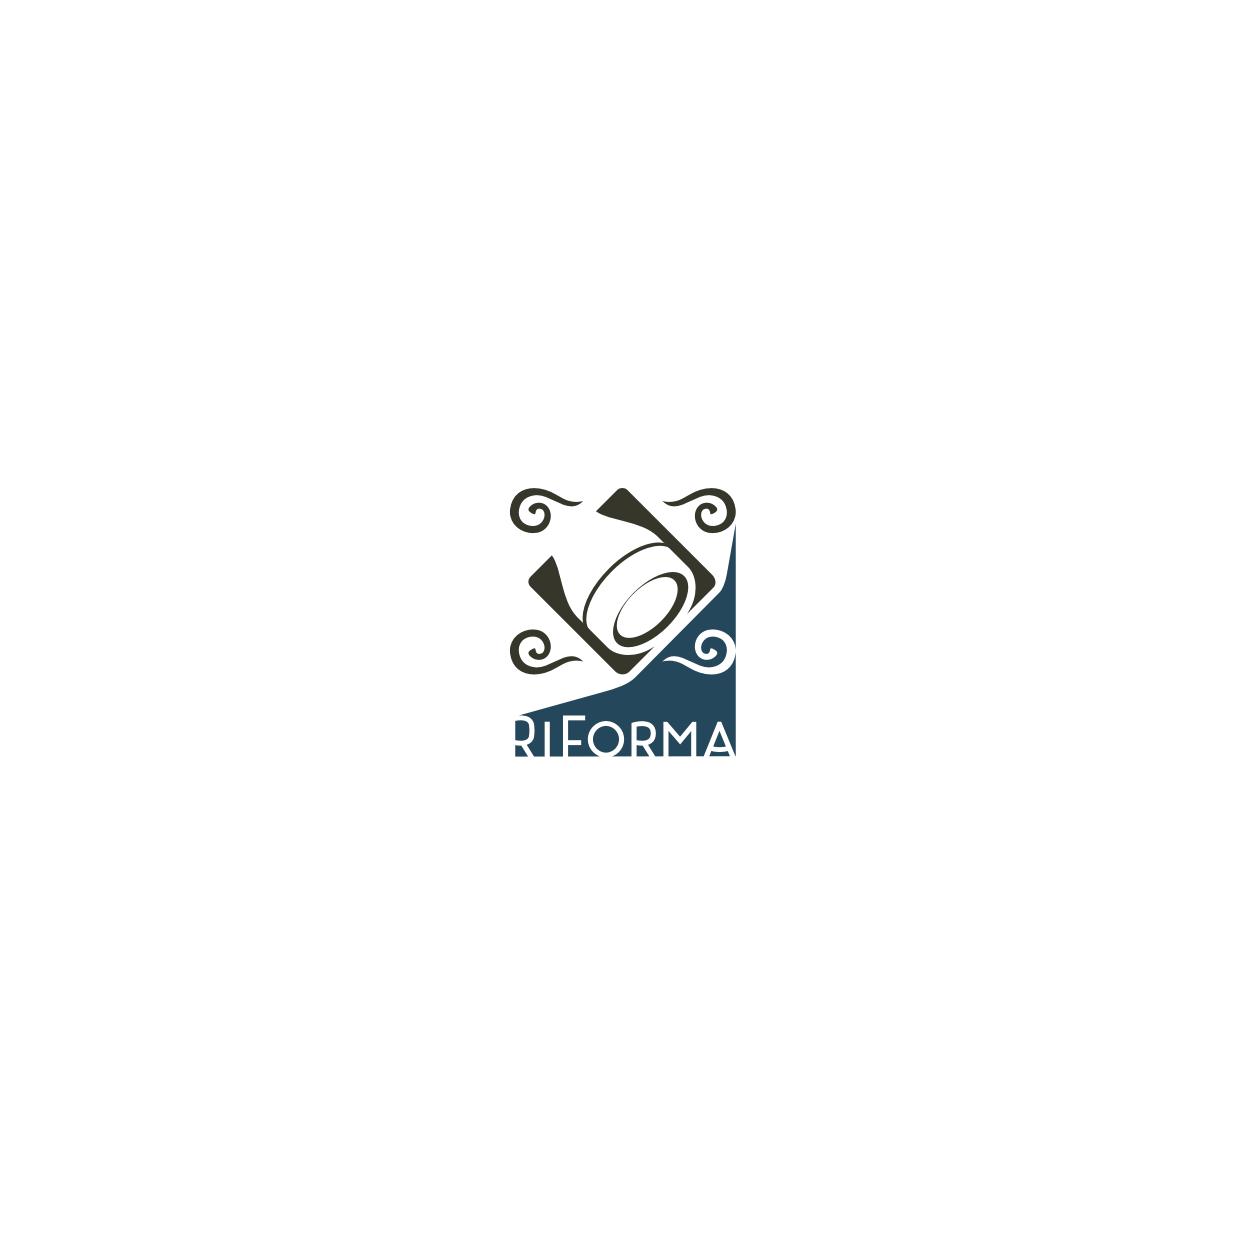 Разработка логотипа и элементов фирменного стиля фото f_182579203c408e0a.png